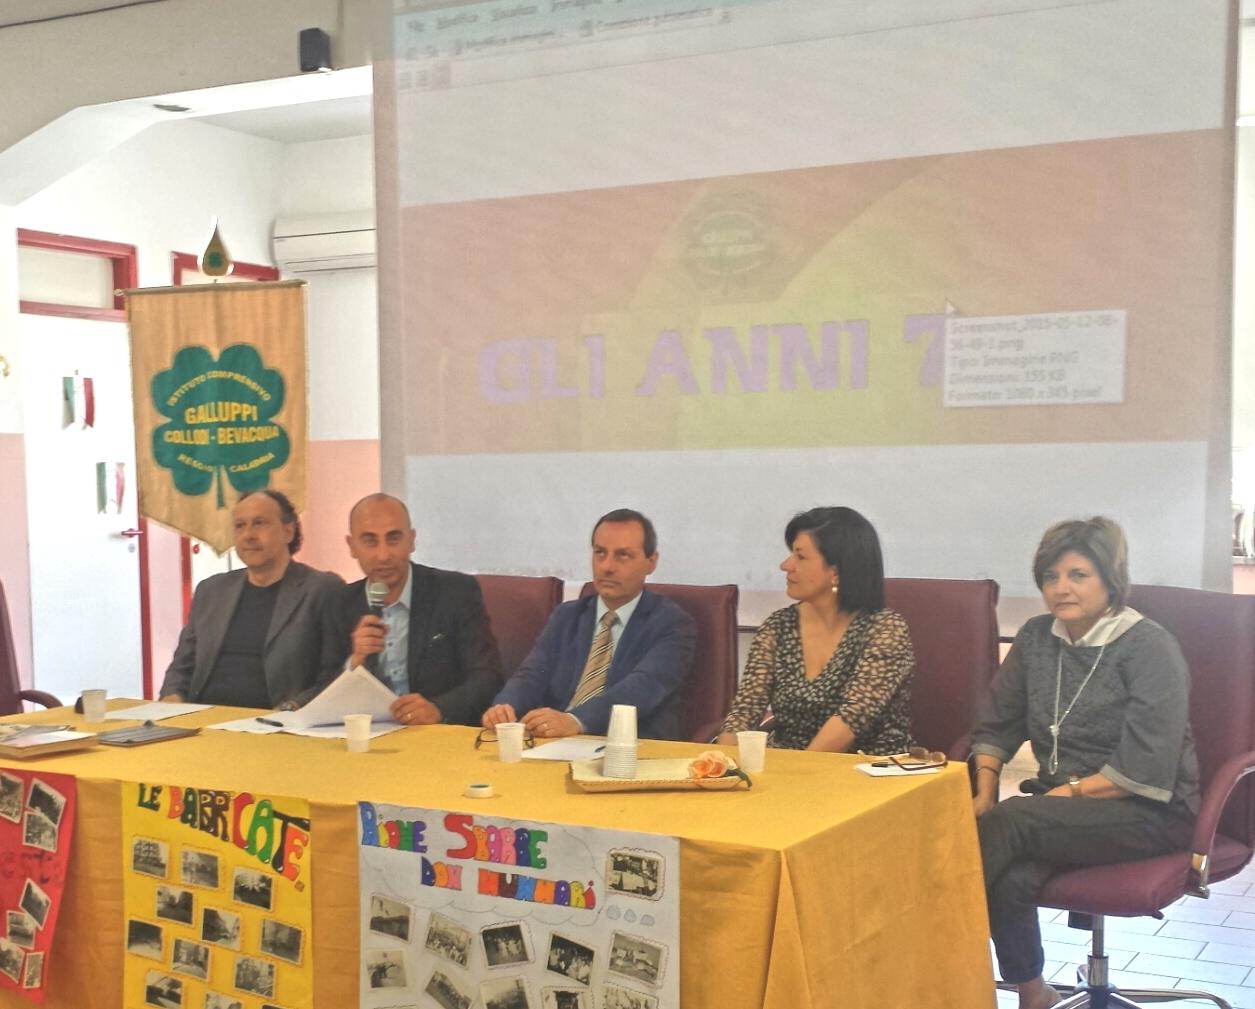 foto seminario GALLUPPI